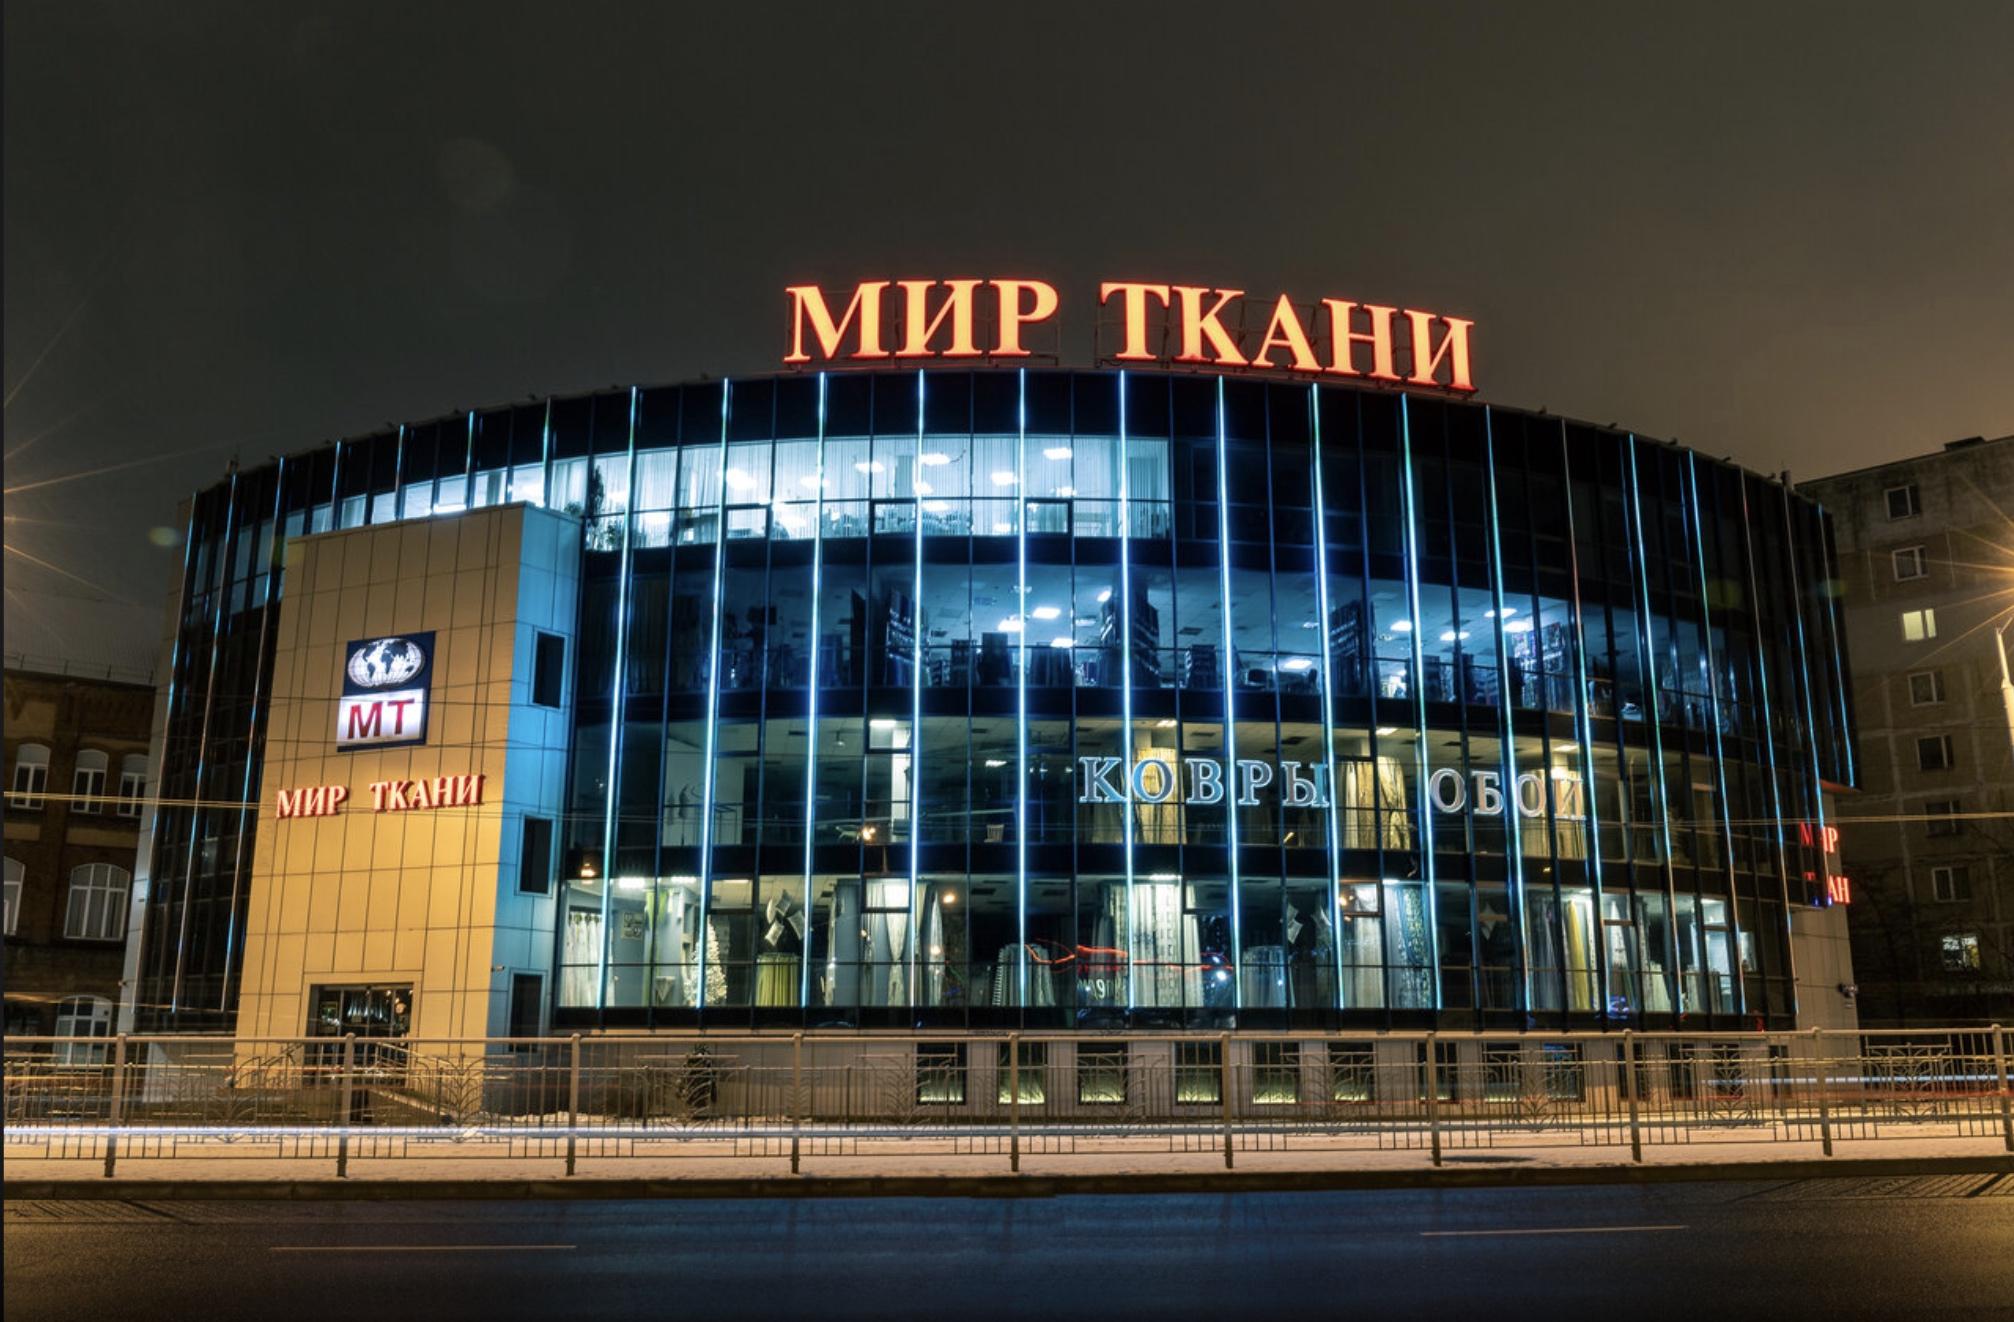 Медиафасад, архитектурное освещение